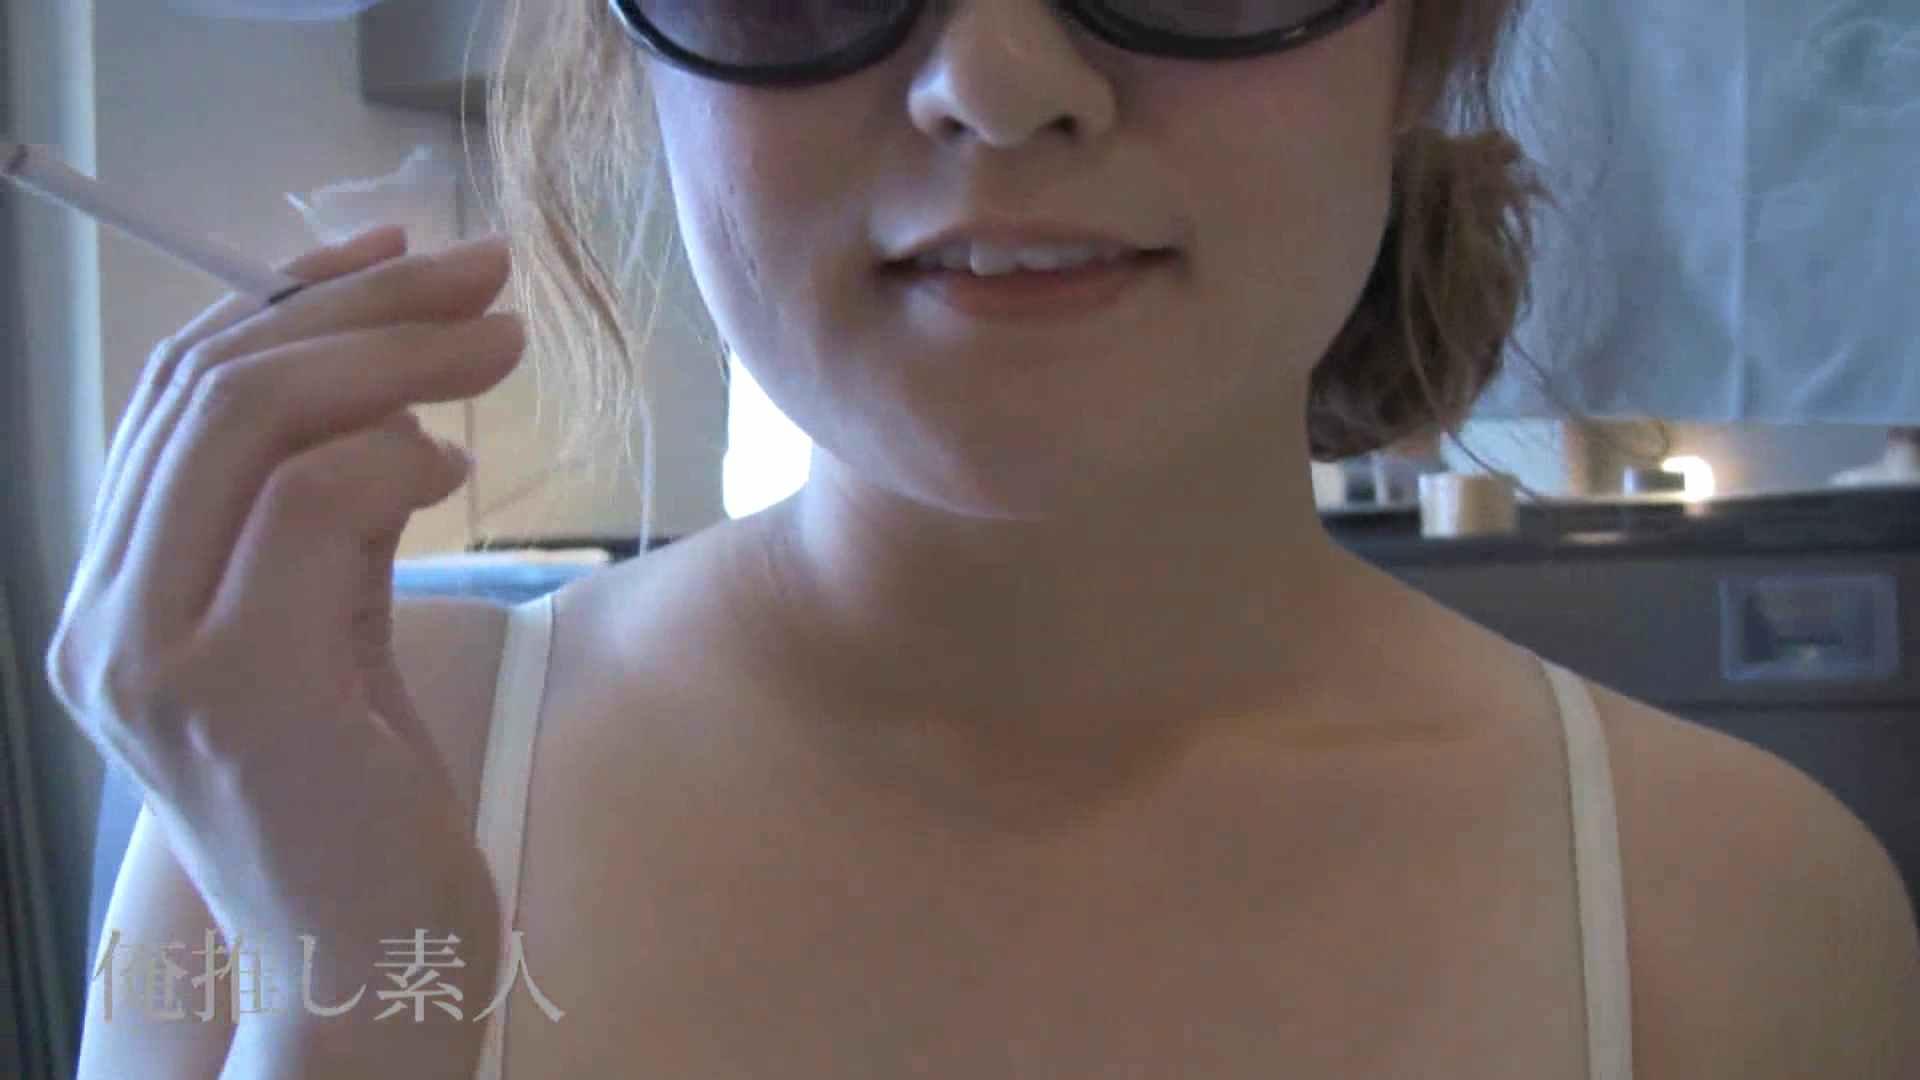 俺推し素人 キャバクラ嬢26歳久美vol5 セックス オメコ動画キャプチャ 107pic 29